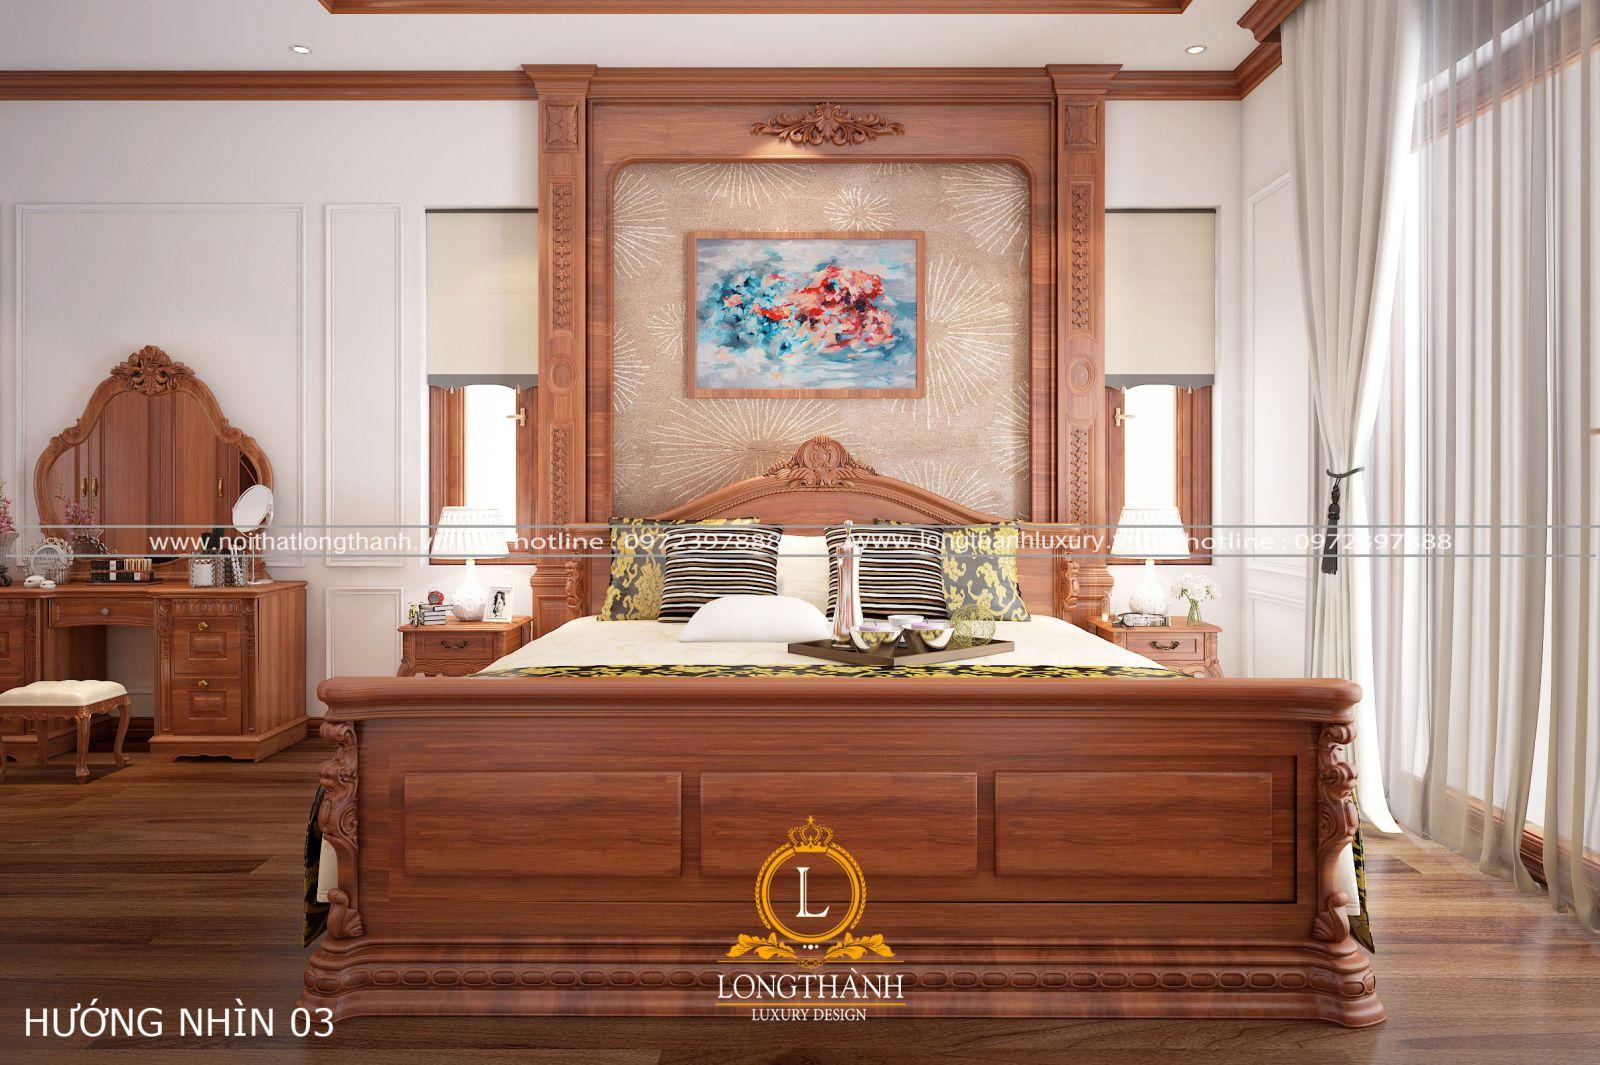 Cách bày bày trí phòng ngủ hợp lý luôn tạo cho bạn giấc ngủ ngon